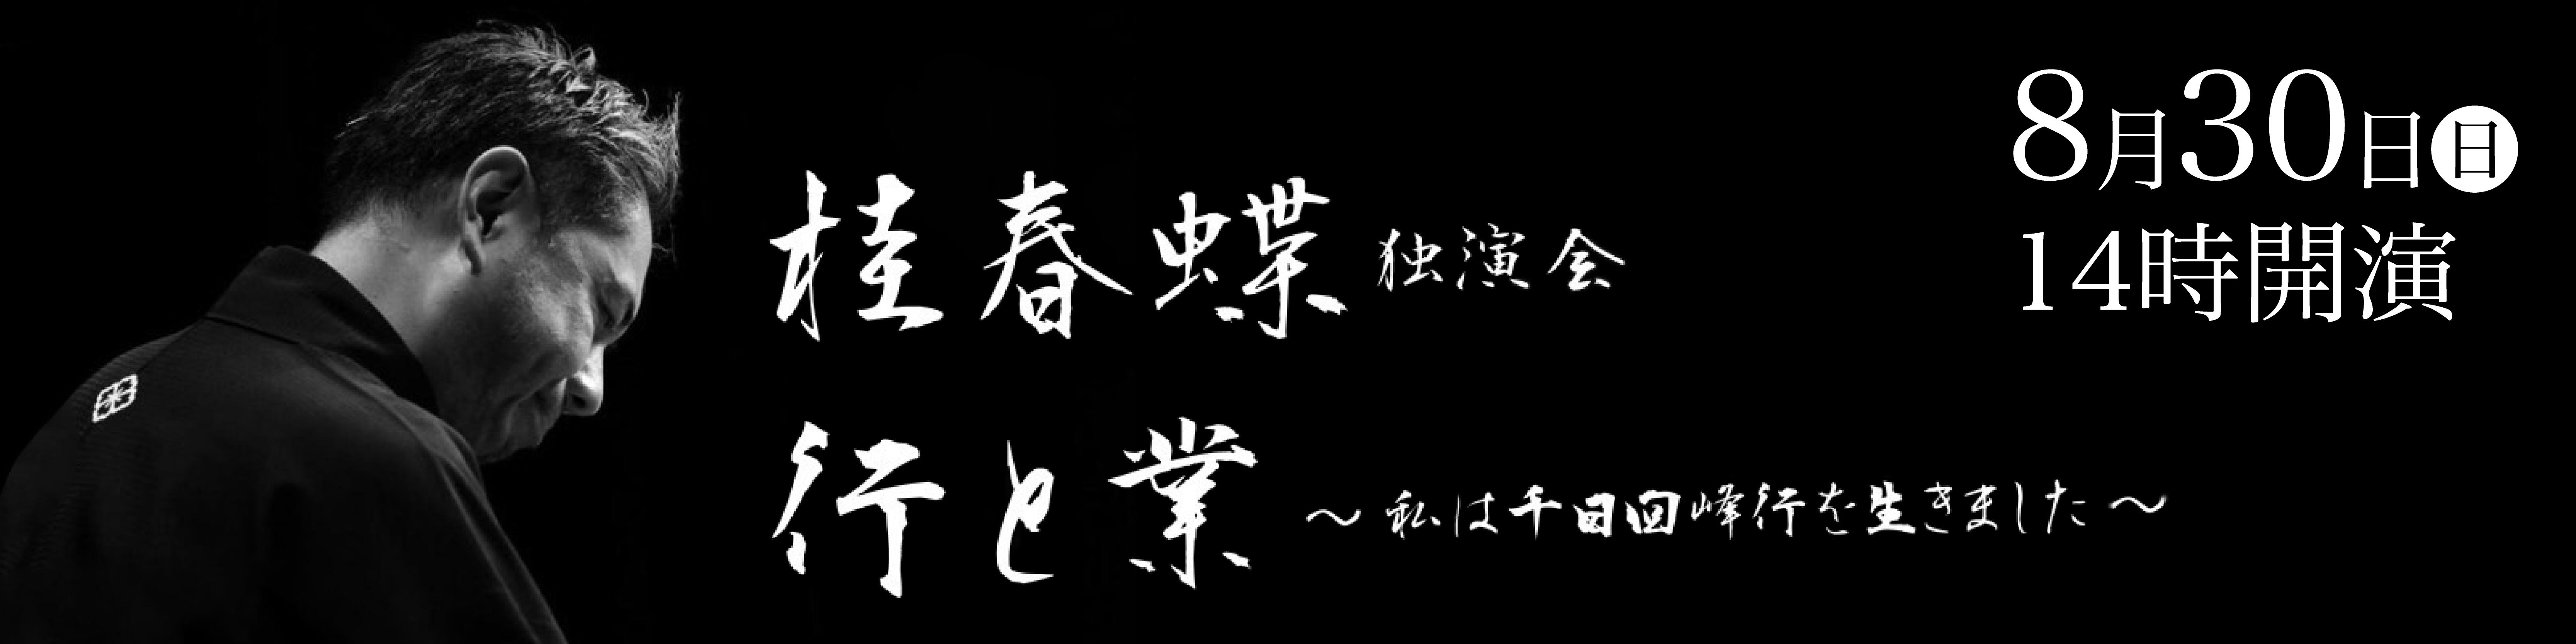 桂春蝶独演会 行と業~わたしは千日回峰行を生きました~